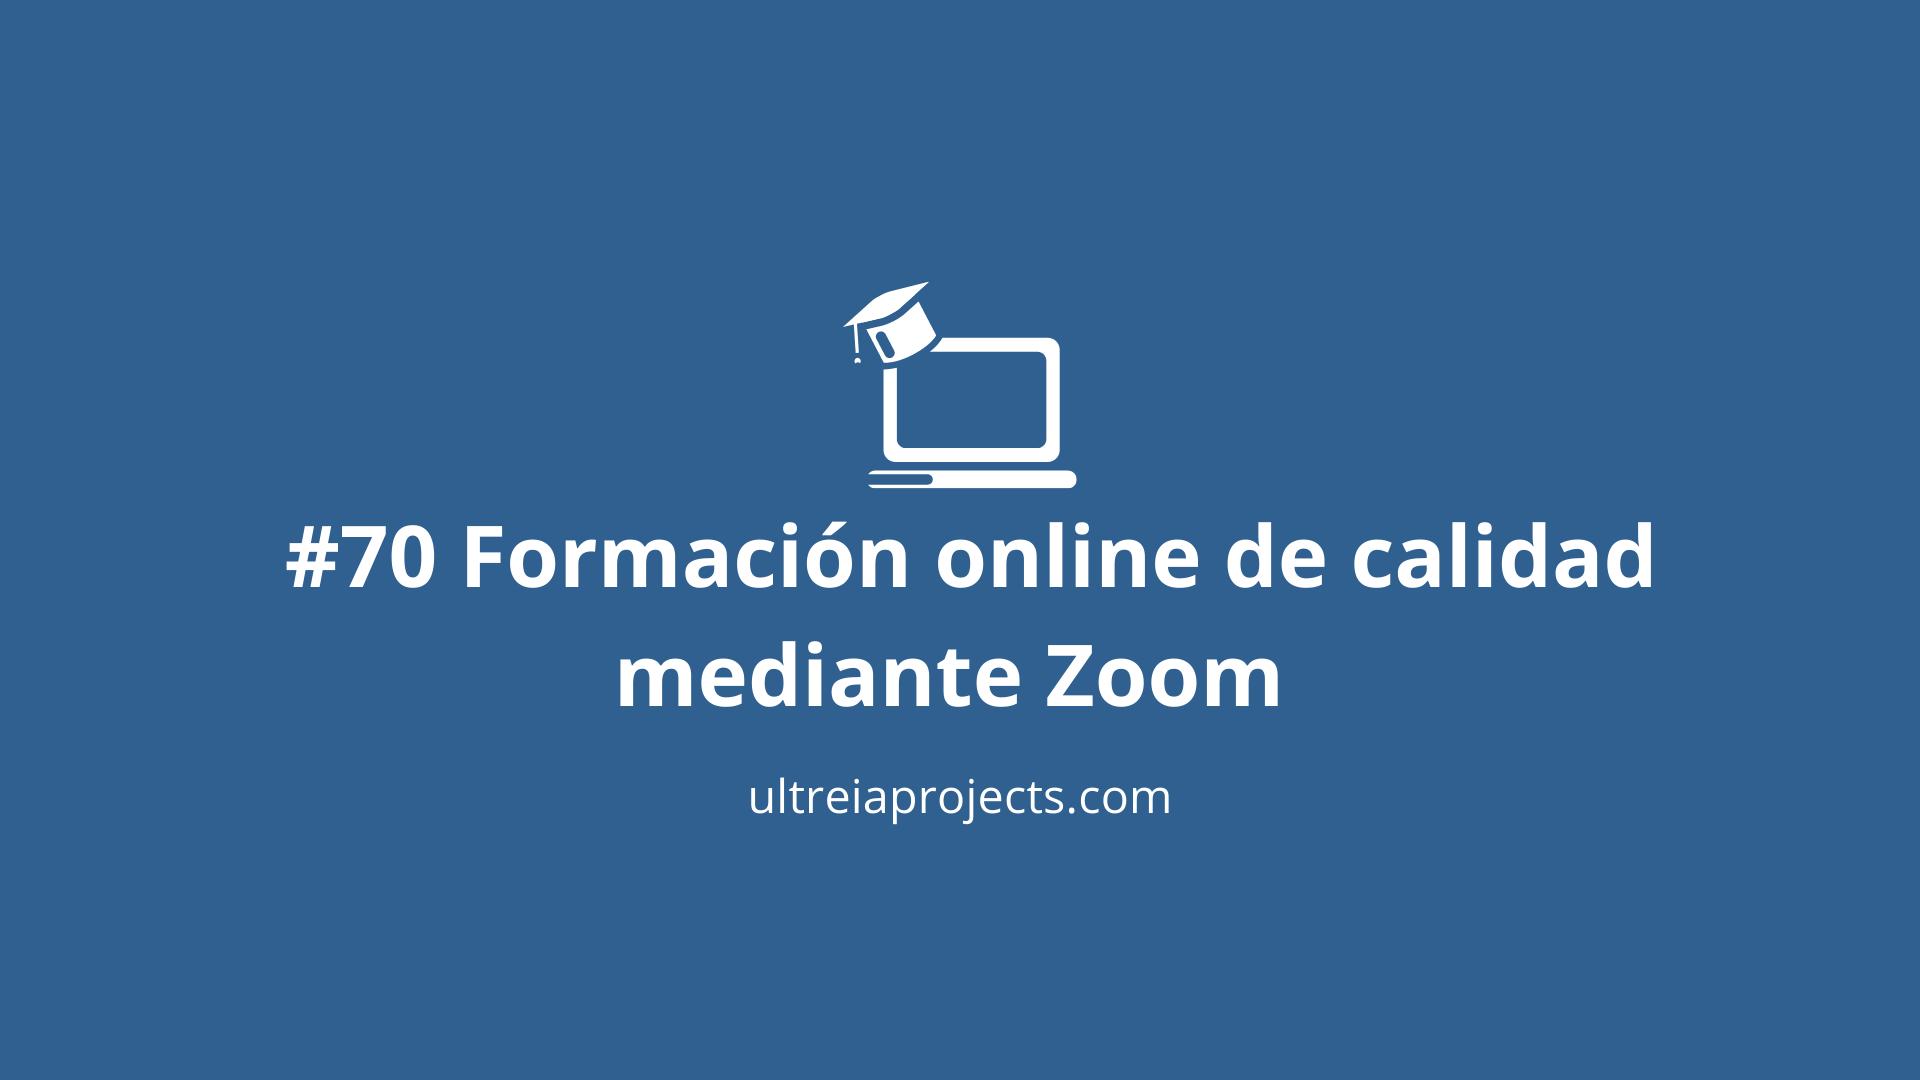 Formación online de calidad mediante Zoom